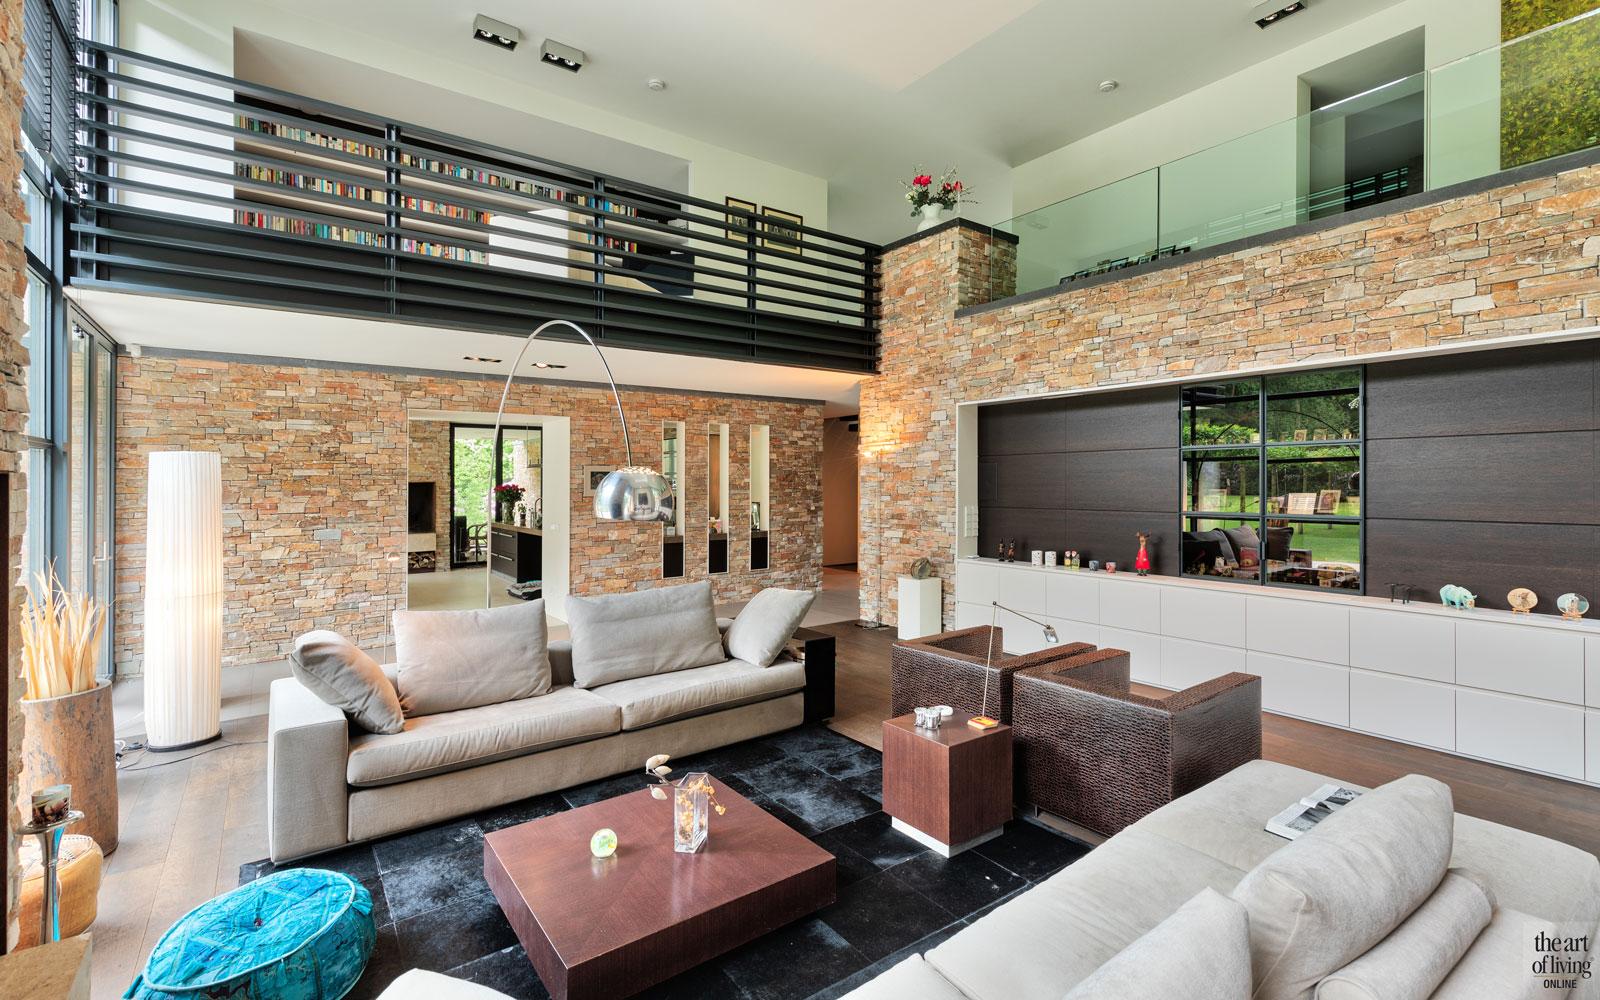 De Bats Architecten, Het Schouwspel, woonkamer, open haard, balustrade, raampartijen, The Art of Living Online